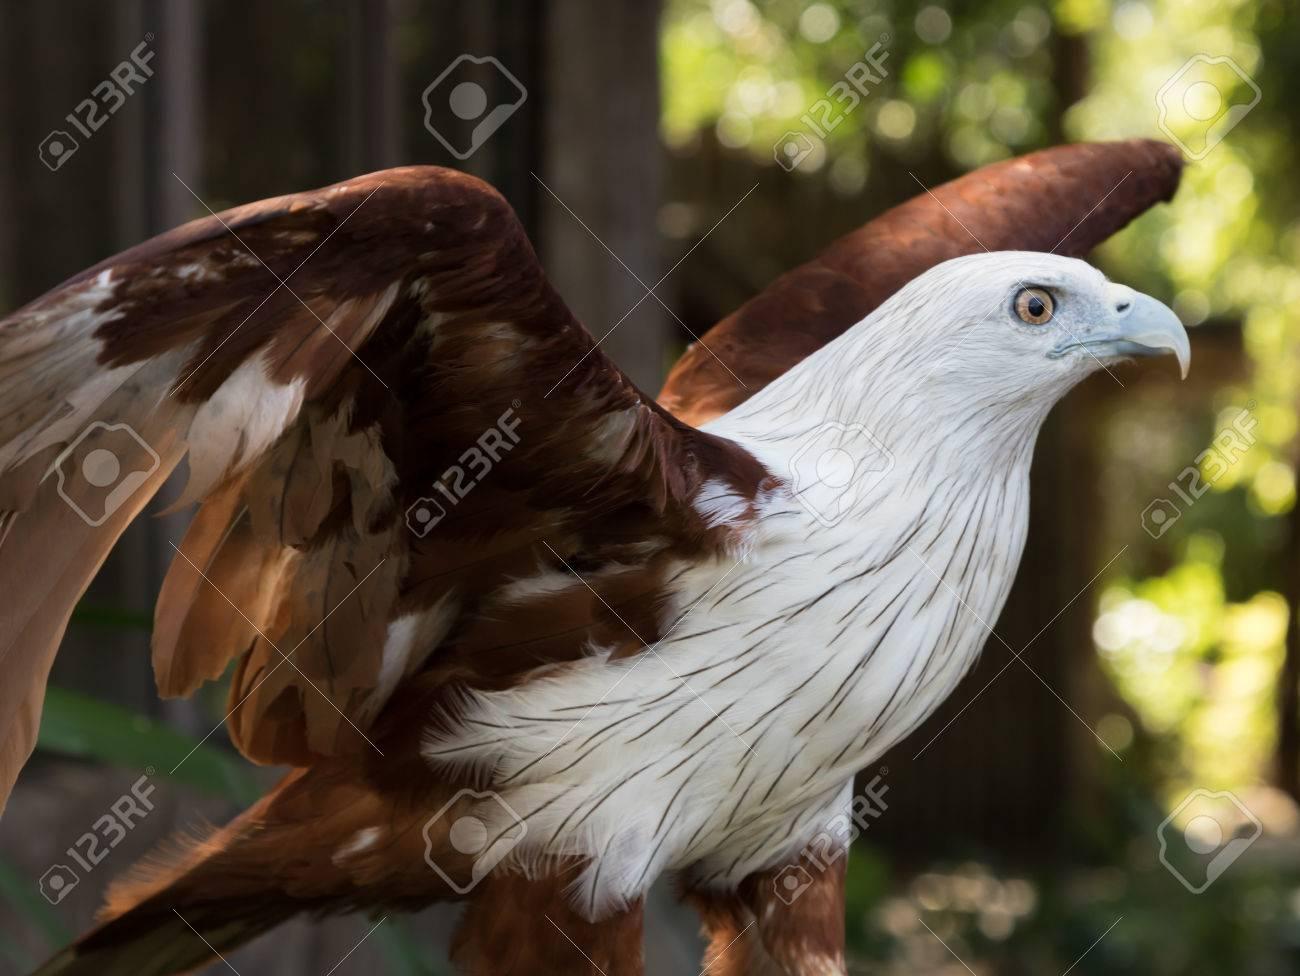 Aguila En La Espalda brahminy kite (Águila de mar de espalda roja) brahminy kite bird de  tailandia